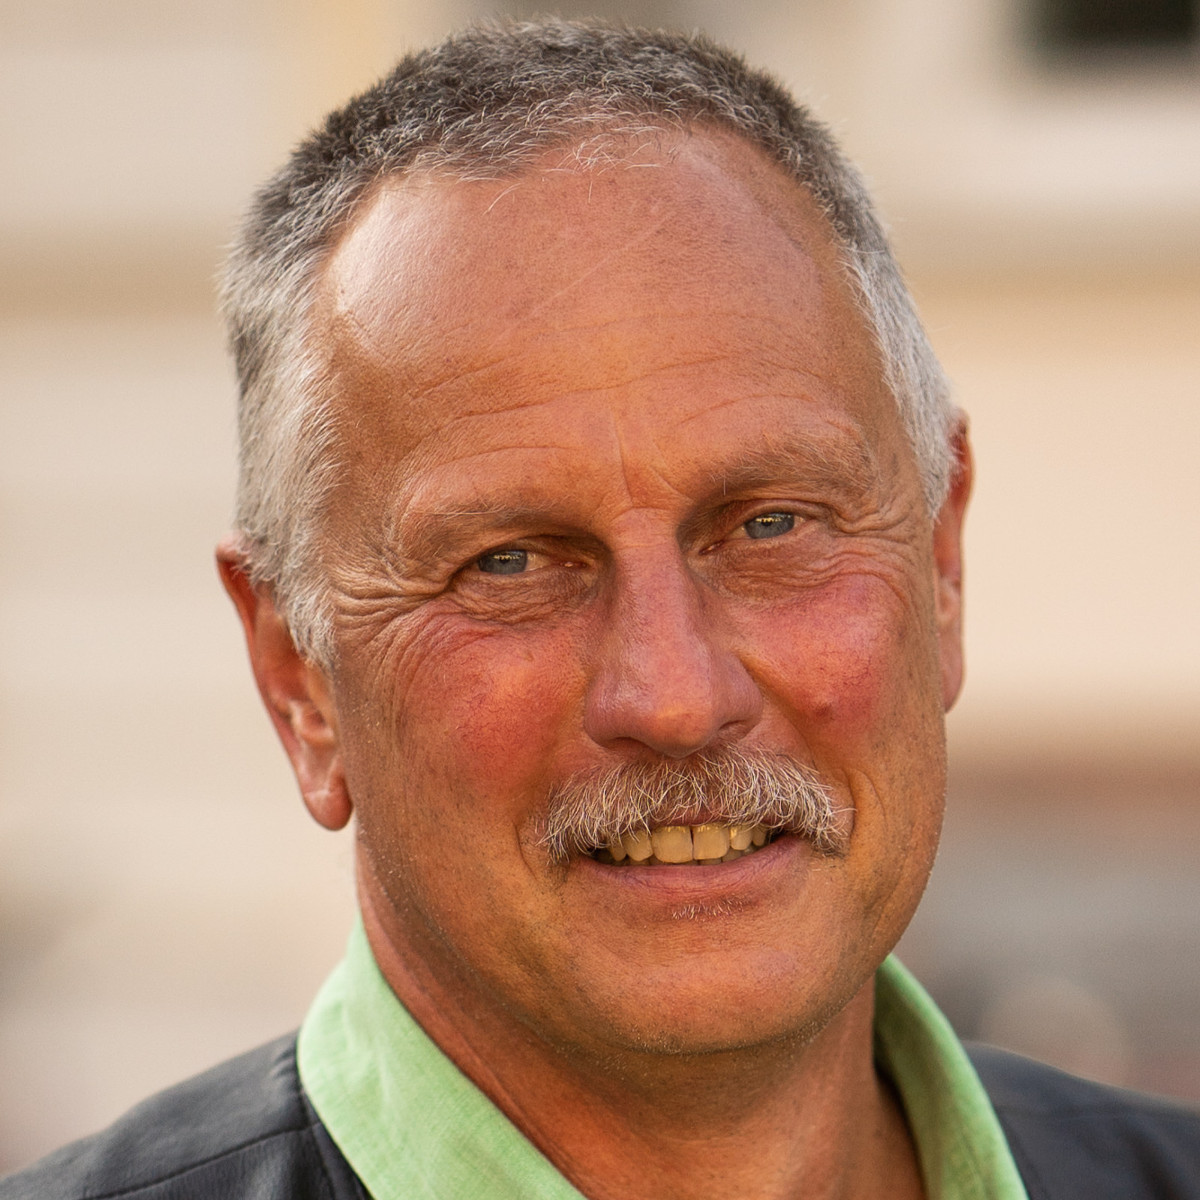 Frank Wetzel